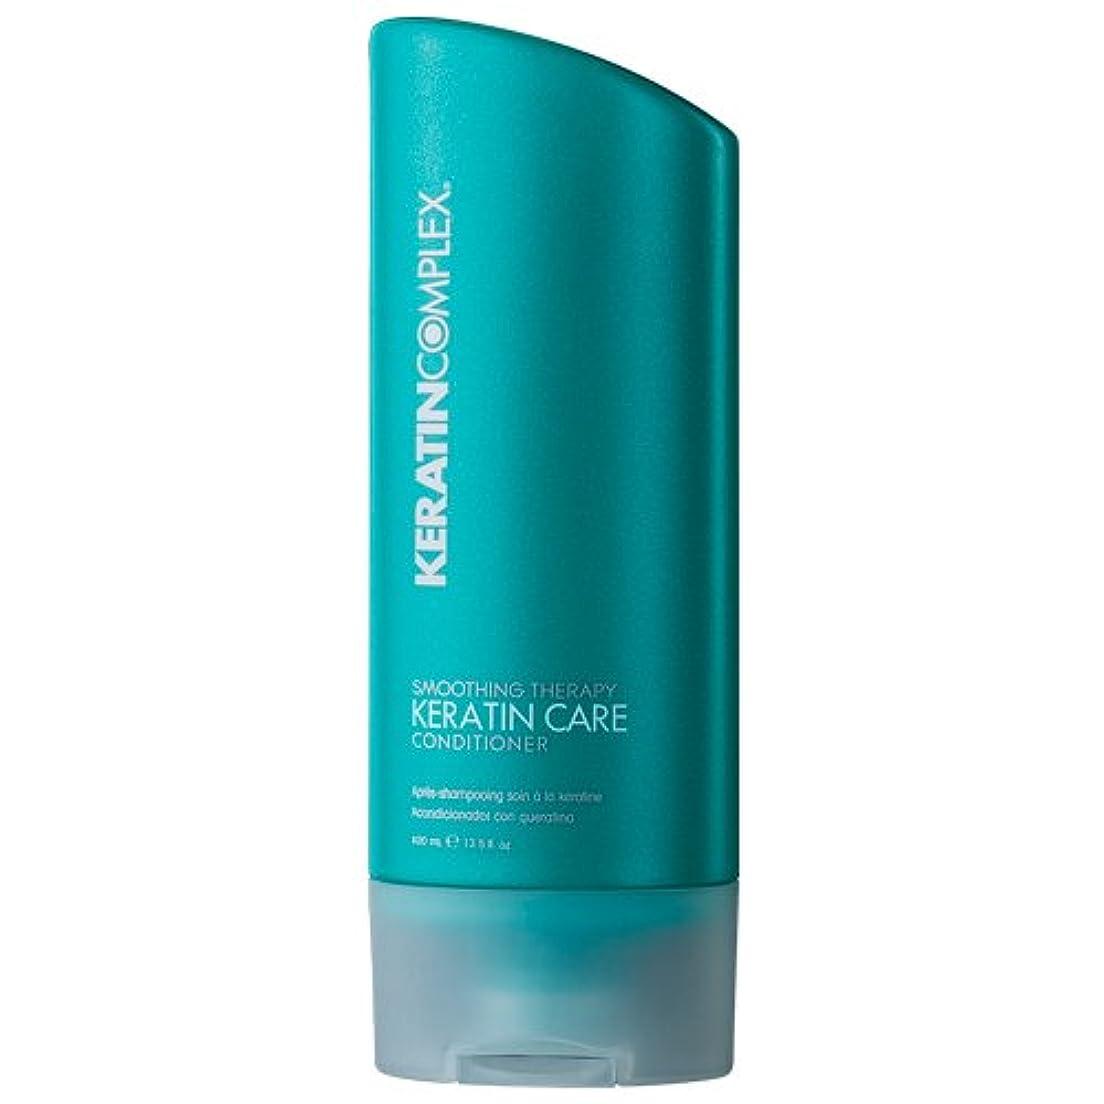 評論家団結するソーダ水Smoothing Therapy Keratin Care Conditioner (For All Hair Types) - 400ml/13.5oz